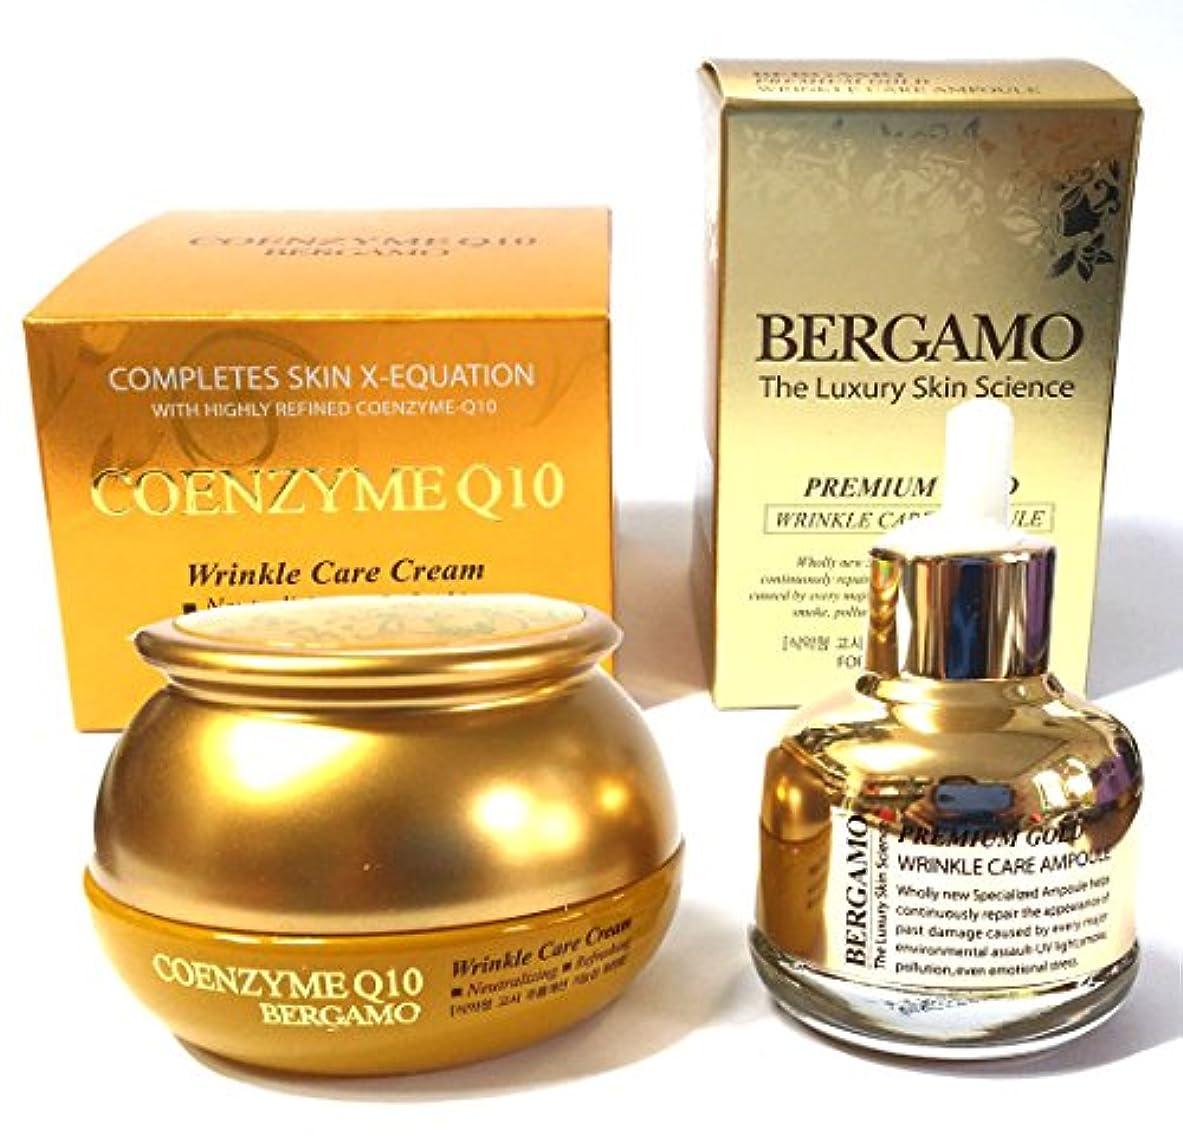 ペインティング者横たわる[Bergamo] モーゼルコエンザイムQ10クリーム50g&ラグジュアリースキンサイエンスプレミアムゴールドアンプル30ml /弾力性、水分/韓国化粧品 / Moselle Coenzyme Q10 Cream 50g & Luxury Skin Science Premium Gold Ampoule 30ml / Elasticity,Moisture / Korean Cosmetics [並行輸入品]